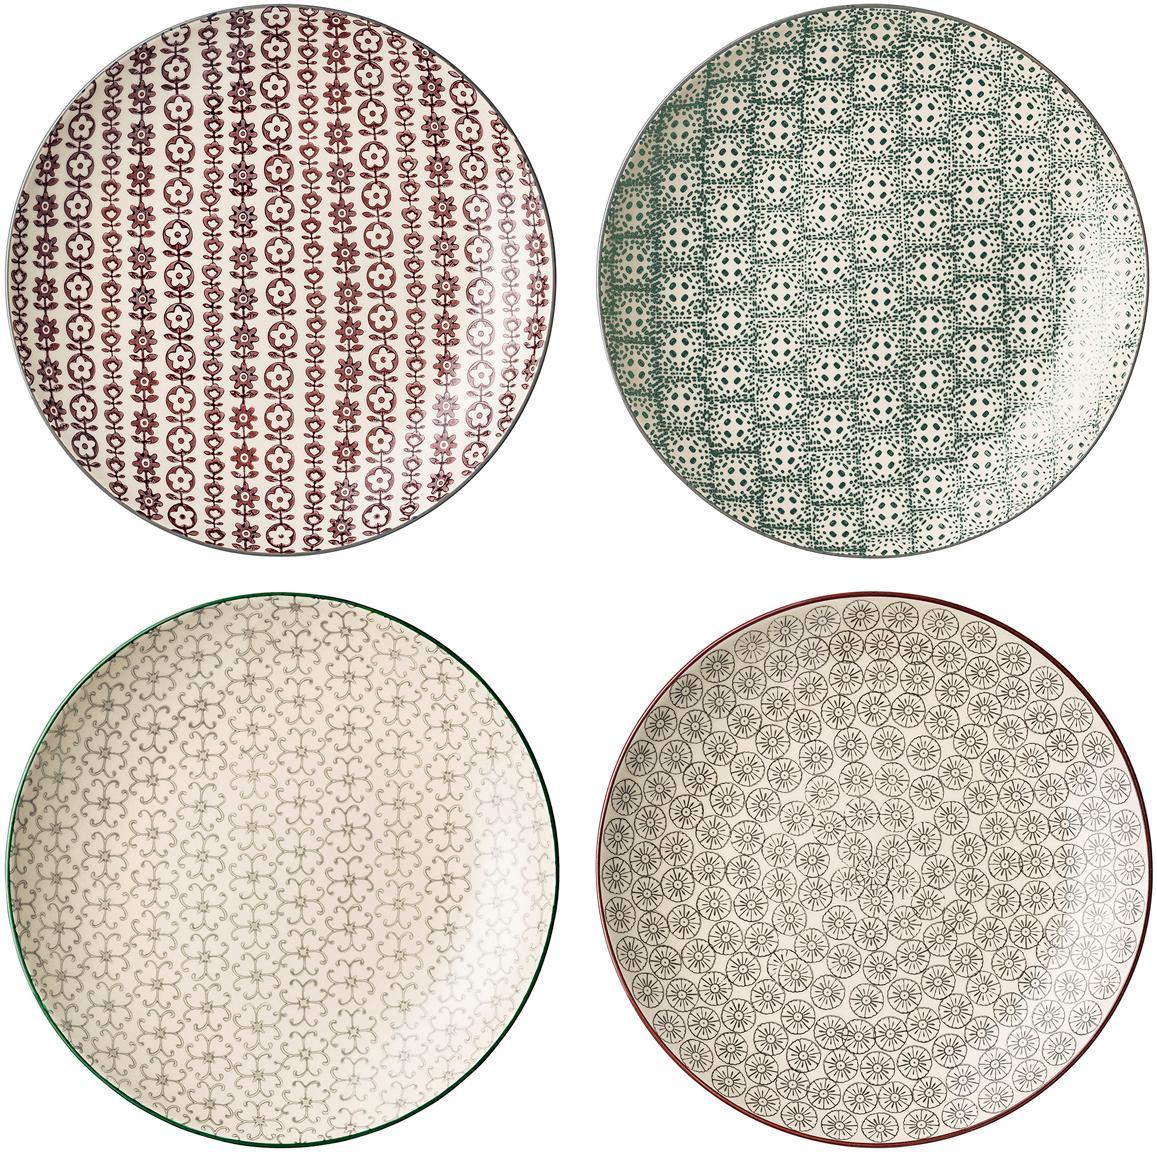 Speiseteller Karine mit kleinem Muster, 4er-Set, Steingut, Mehrfarbig, Ø 25 cm